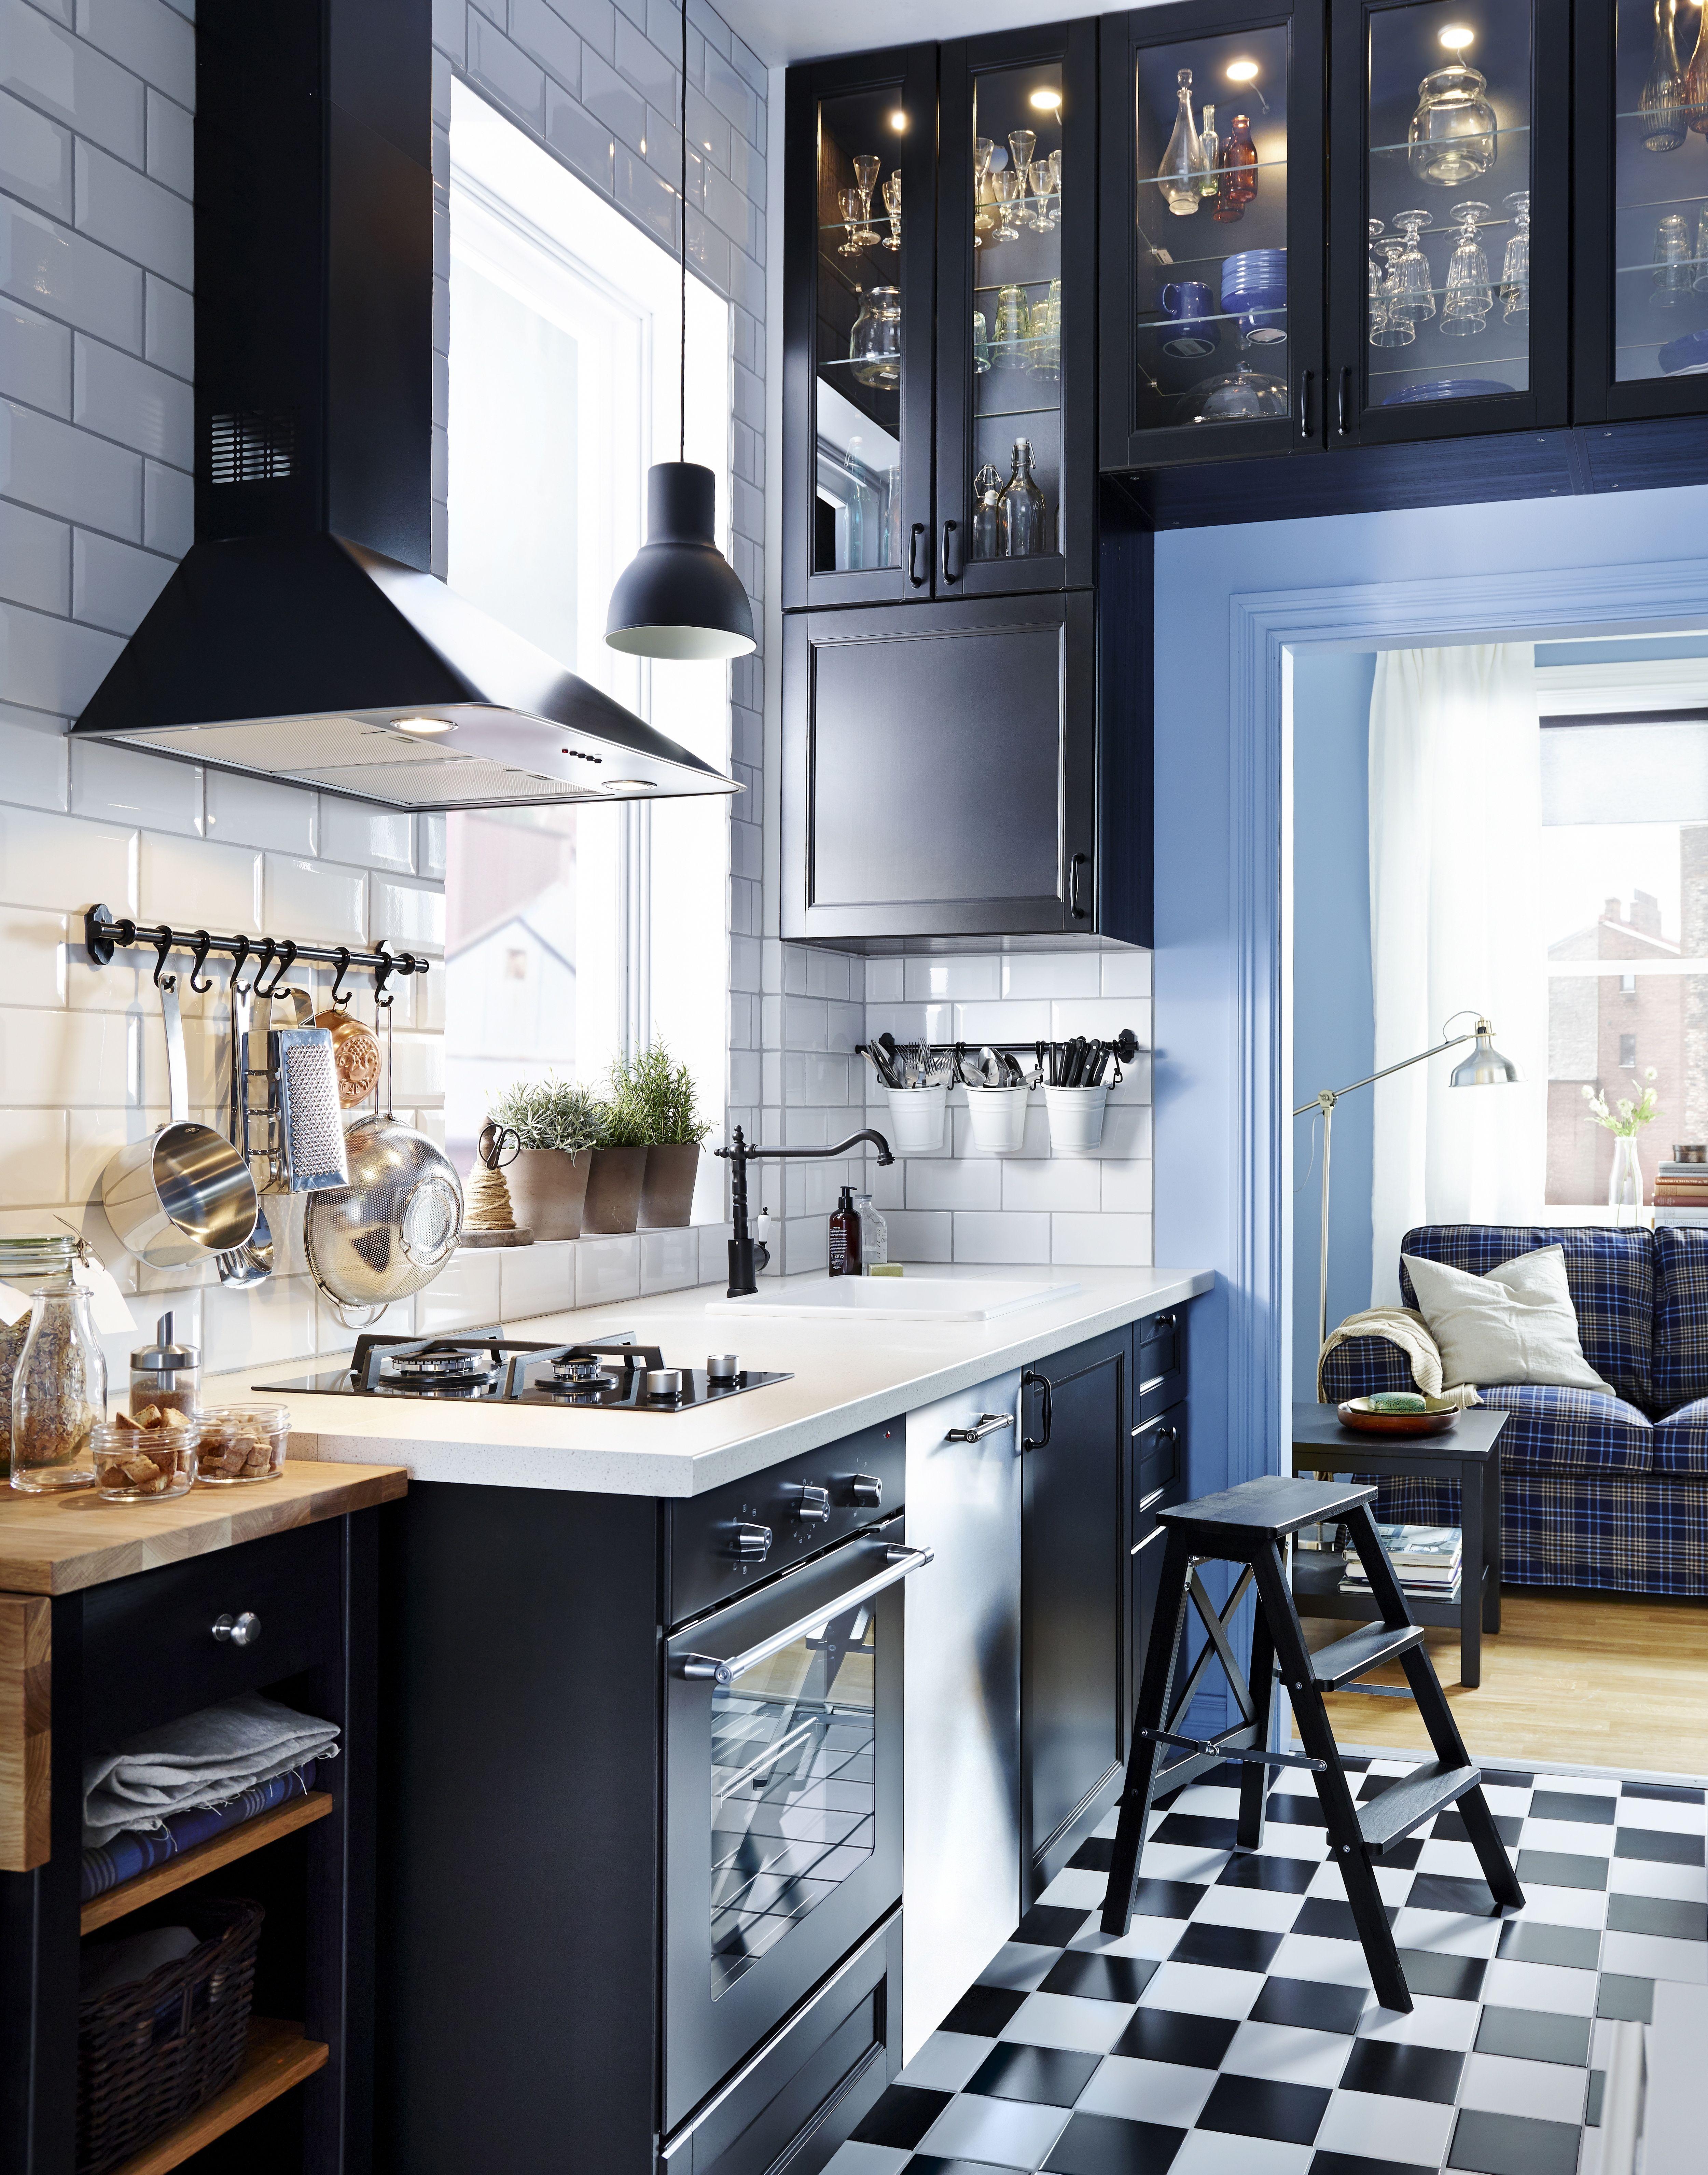 Cucine Per Piccoli Spazi.Cucine Con Isola Piccoli Spazi Decorazioni Per La Casa